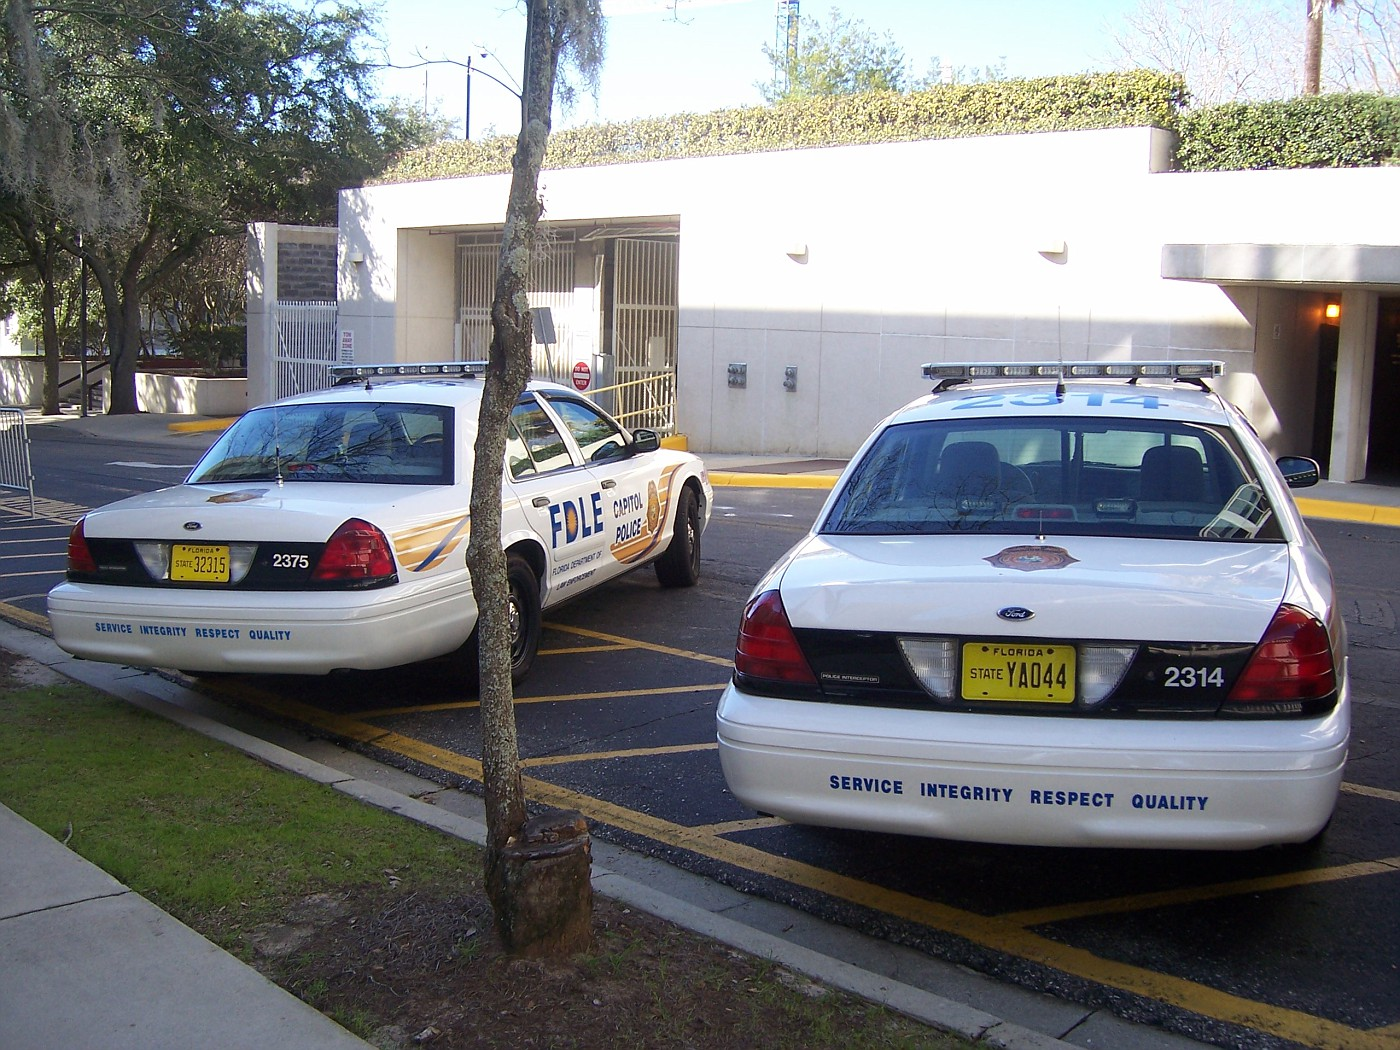 FL - Florida Department of Law Enforcement